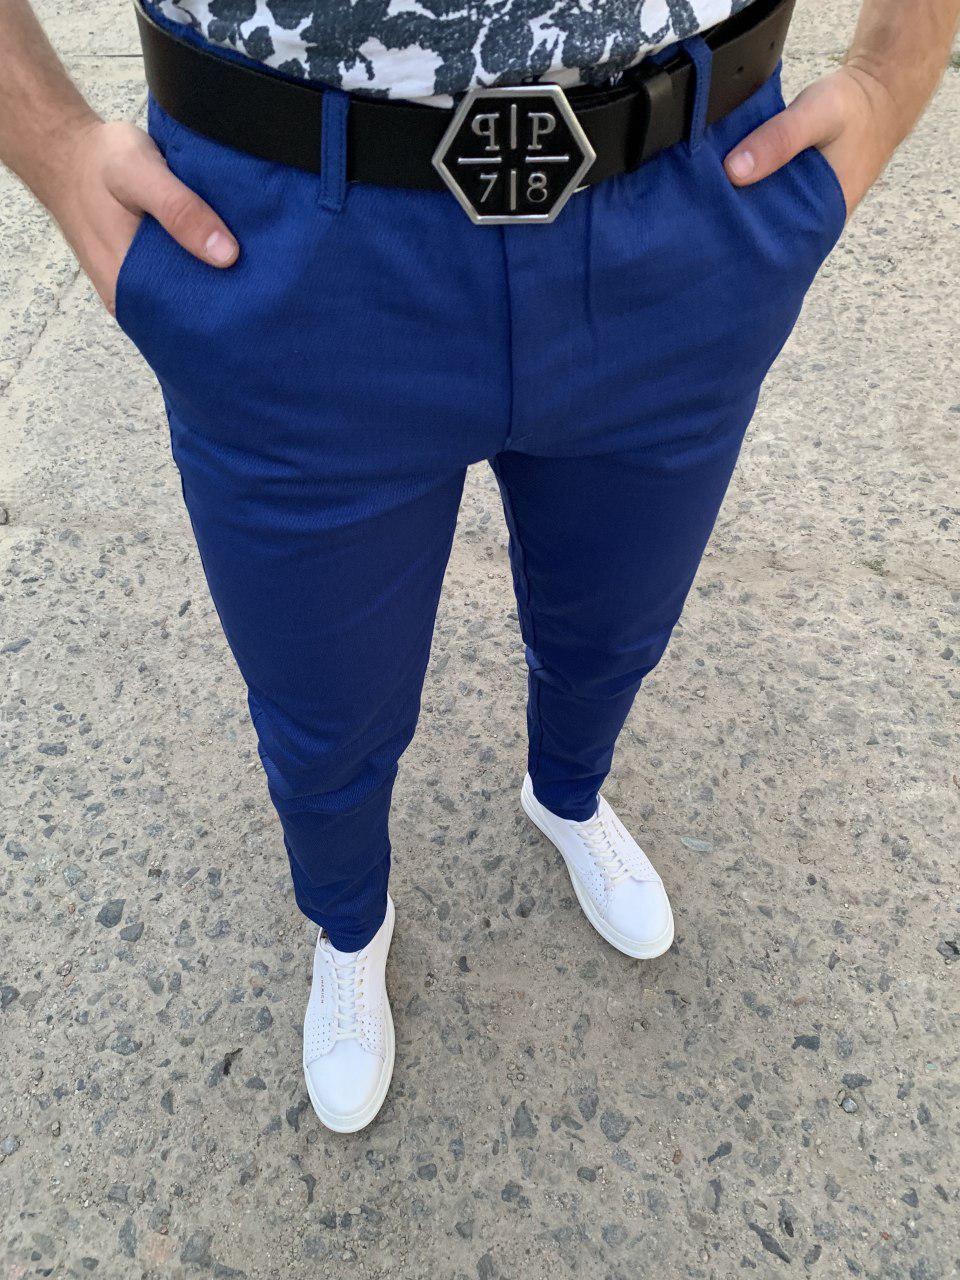 Мужские брюки зауженные синие ZB6